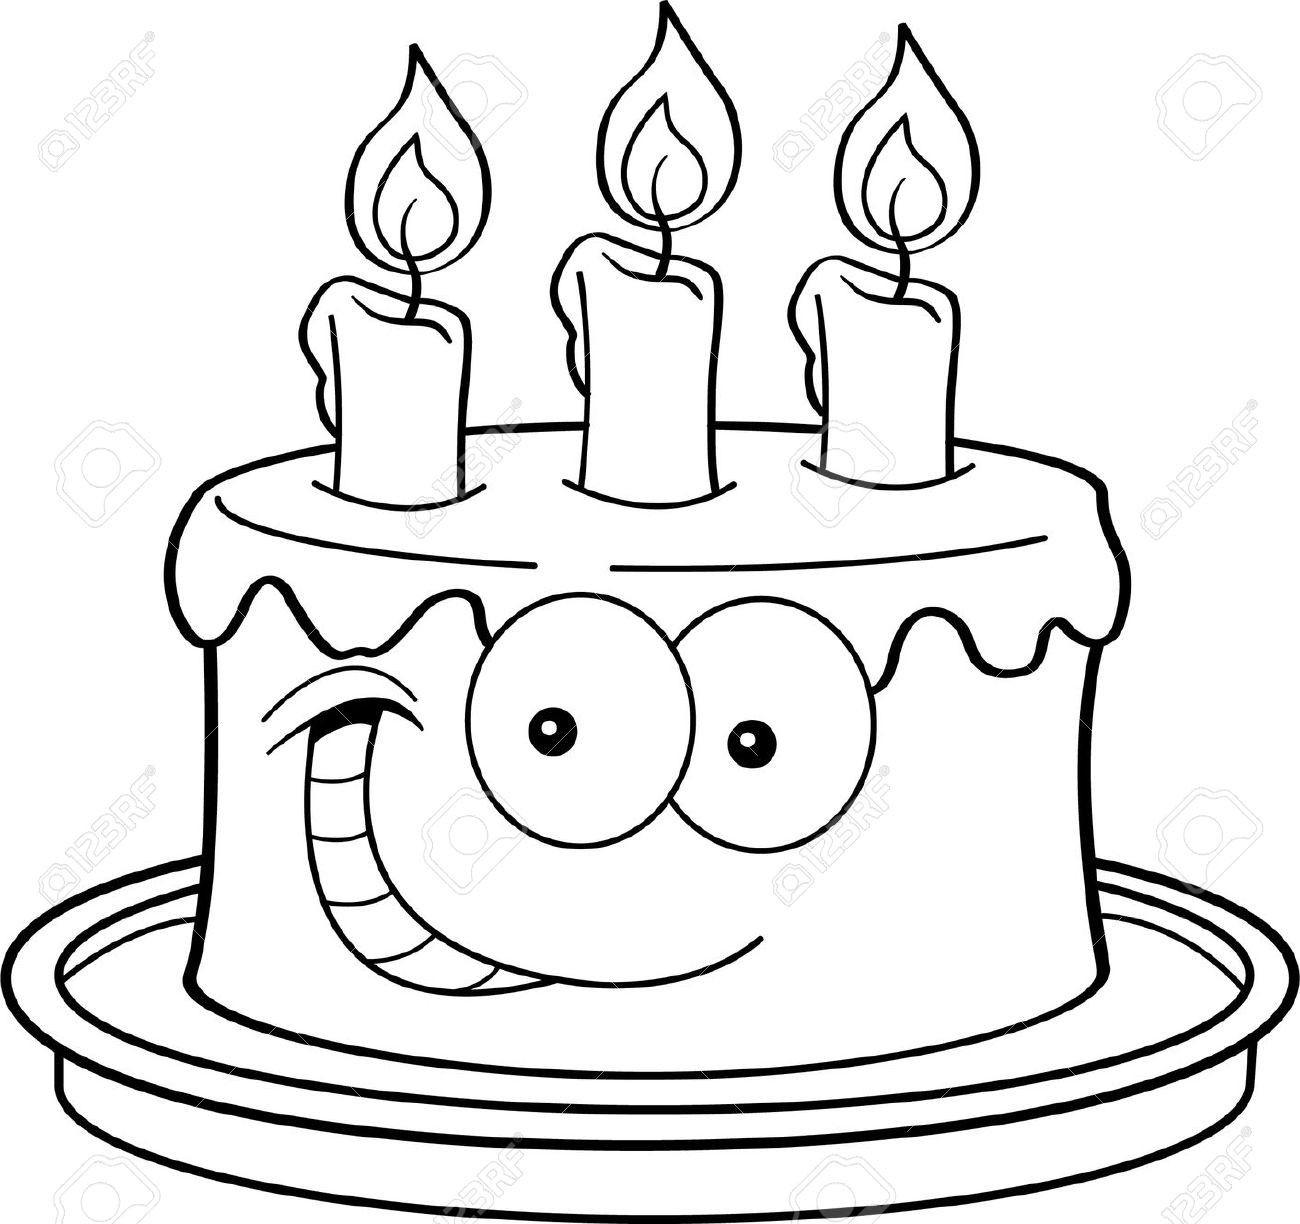 20 Besten Ideen Geburtstagskuchen Clipart Schwarz Weiß In bestimmt für Kuchen Ausmalbild